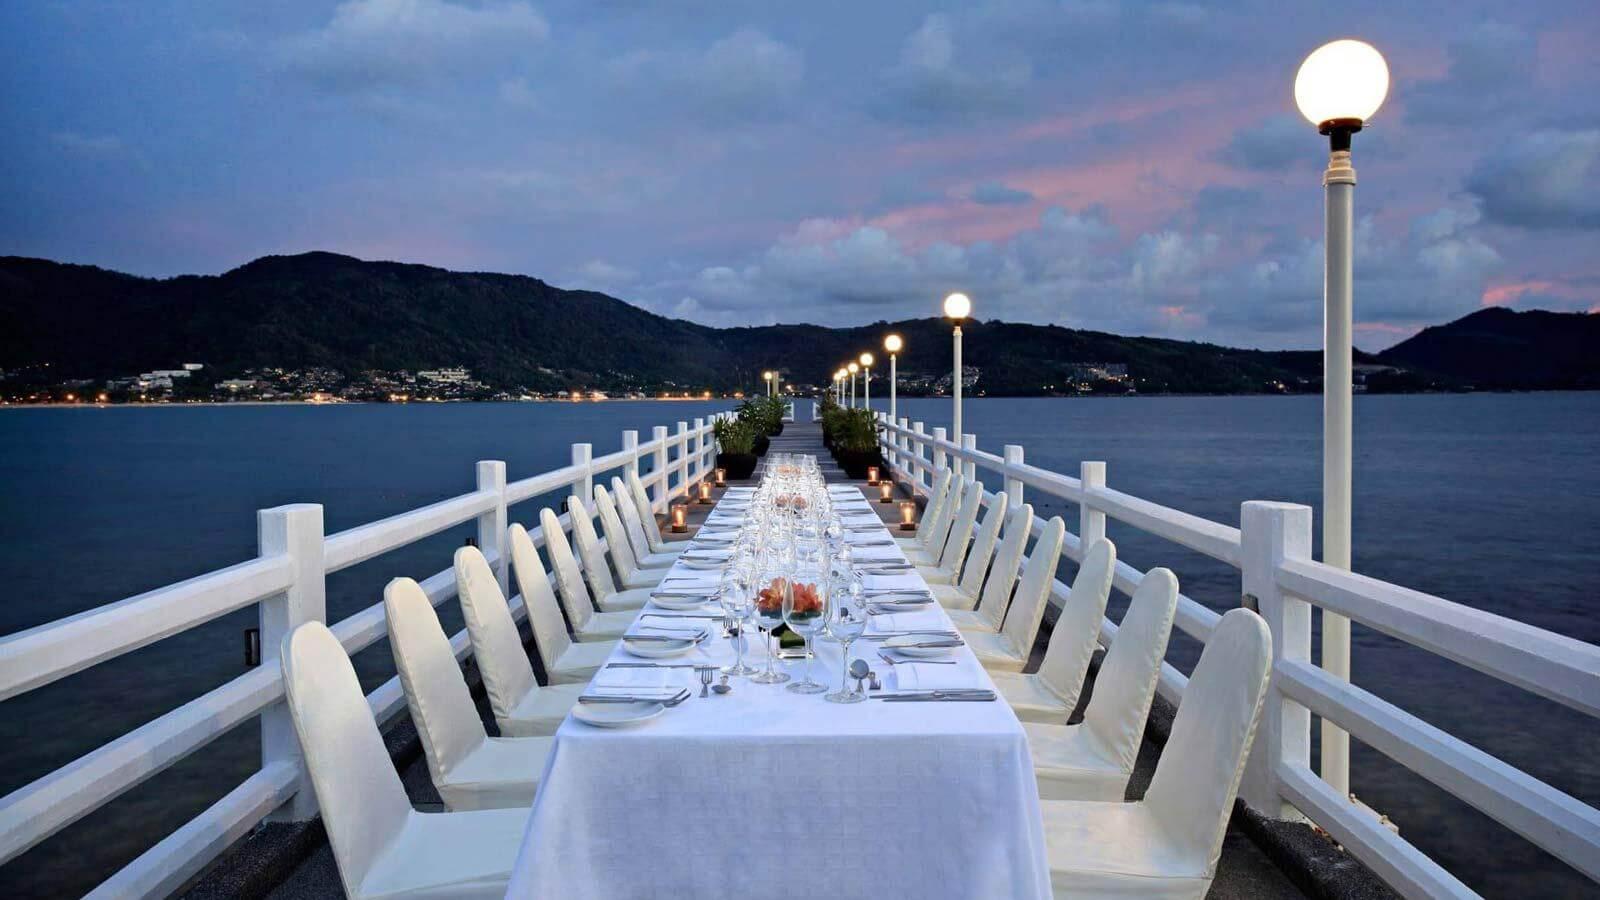 фото ресторана The Jetty в Amari Phuket